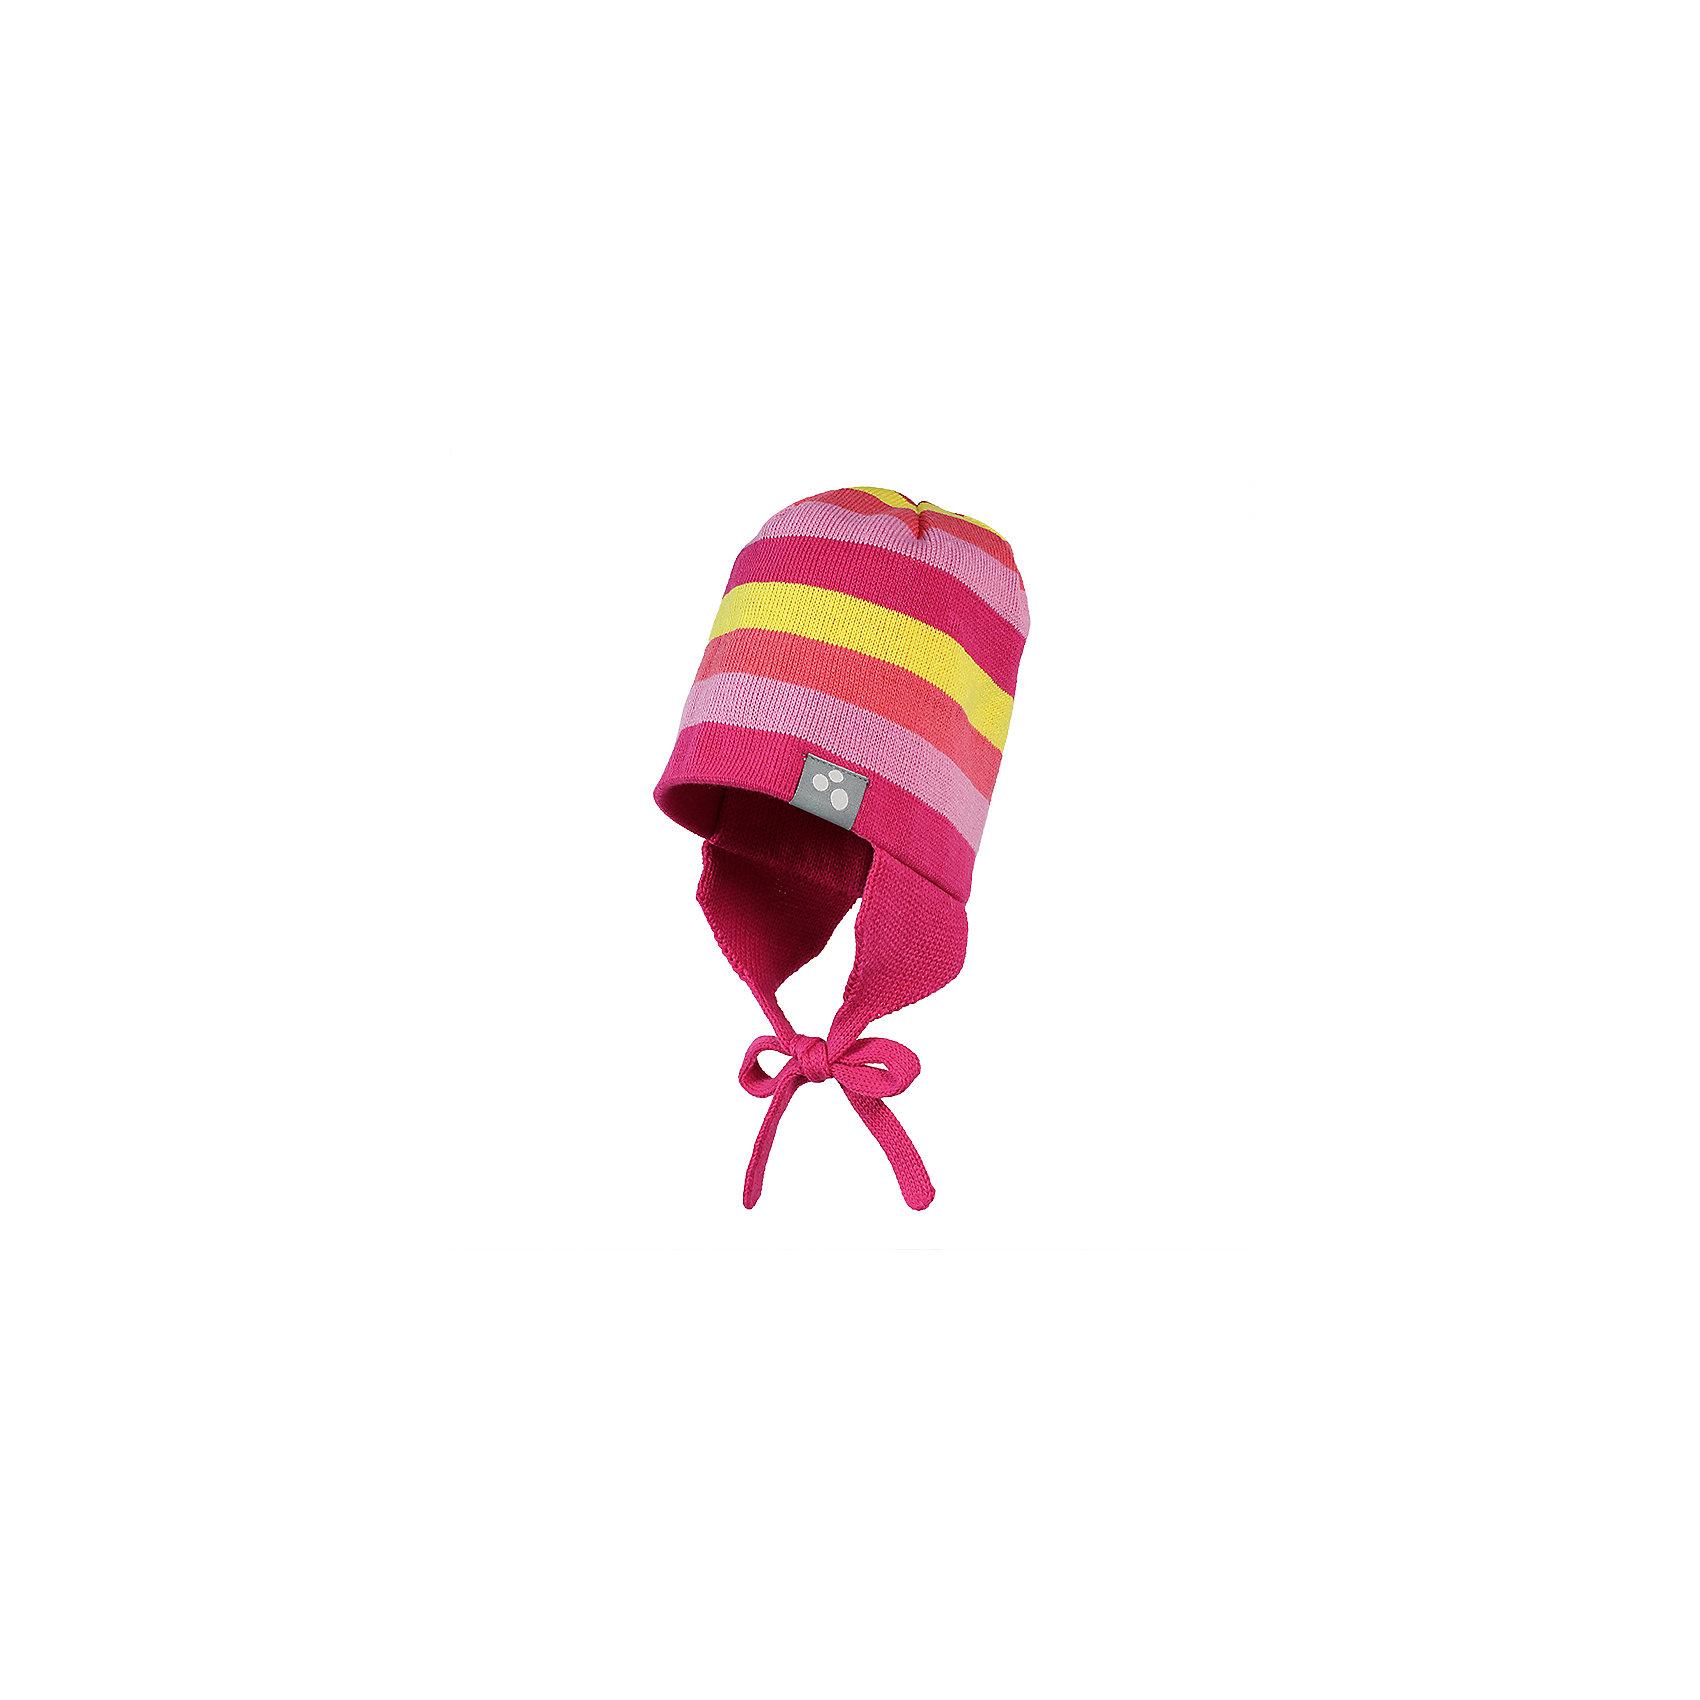 Huppa Шапка для девочки Huppa в каком магазине в бибирево можно купить дшево косметику dbib